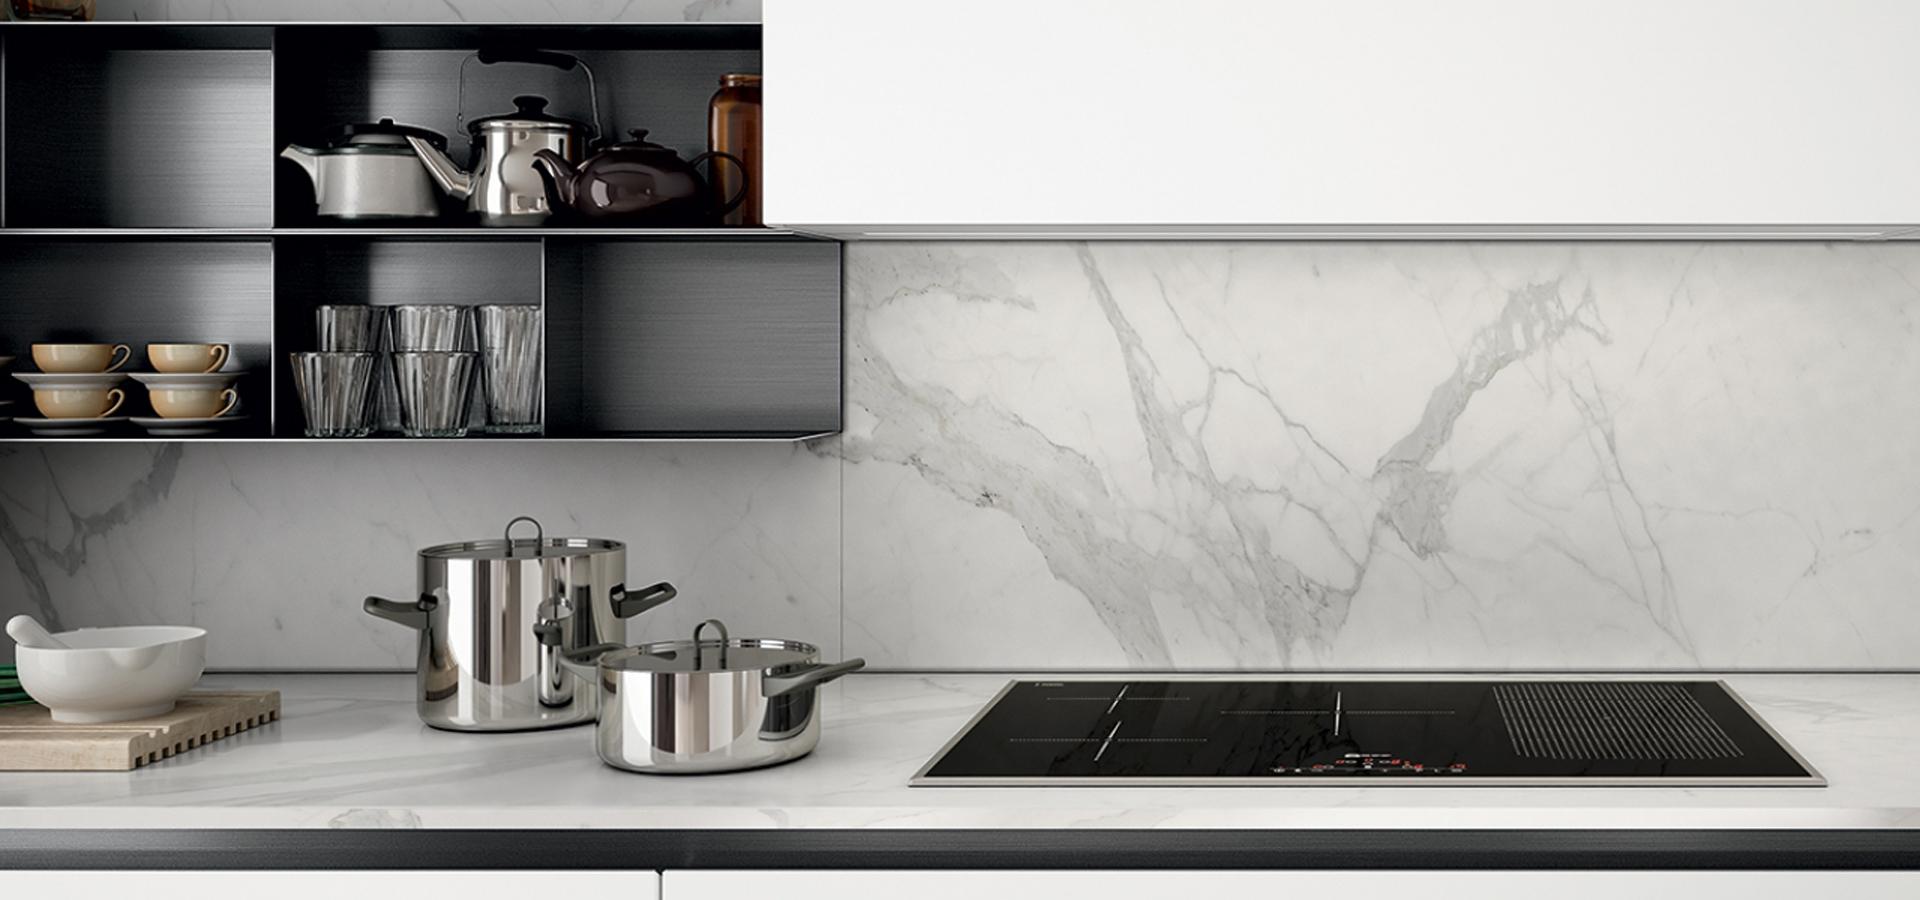 Cucina Open Space Moderna arredo3-cucina-zetasei-16-moderna-design-componibile-angolo